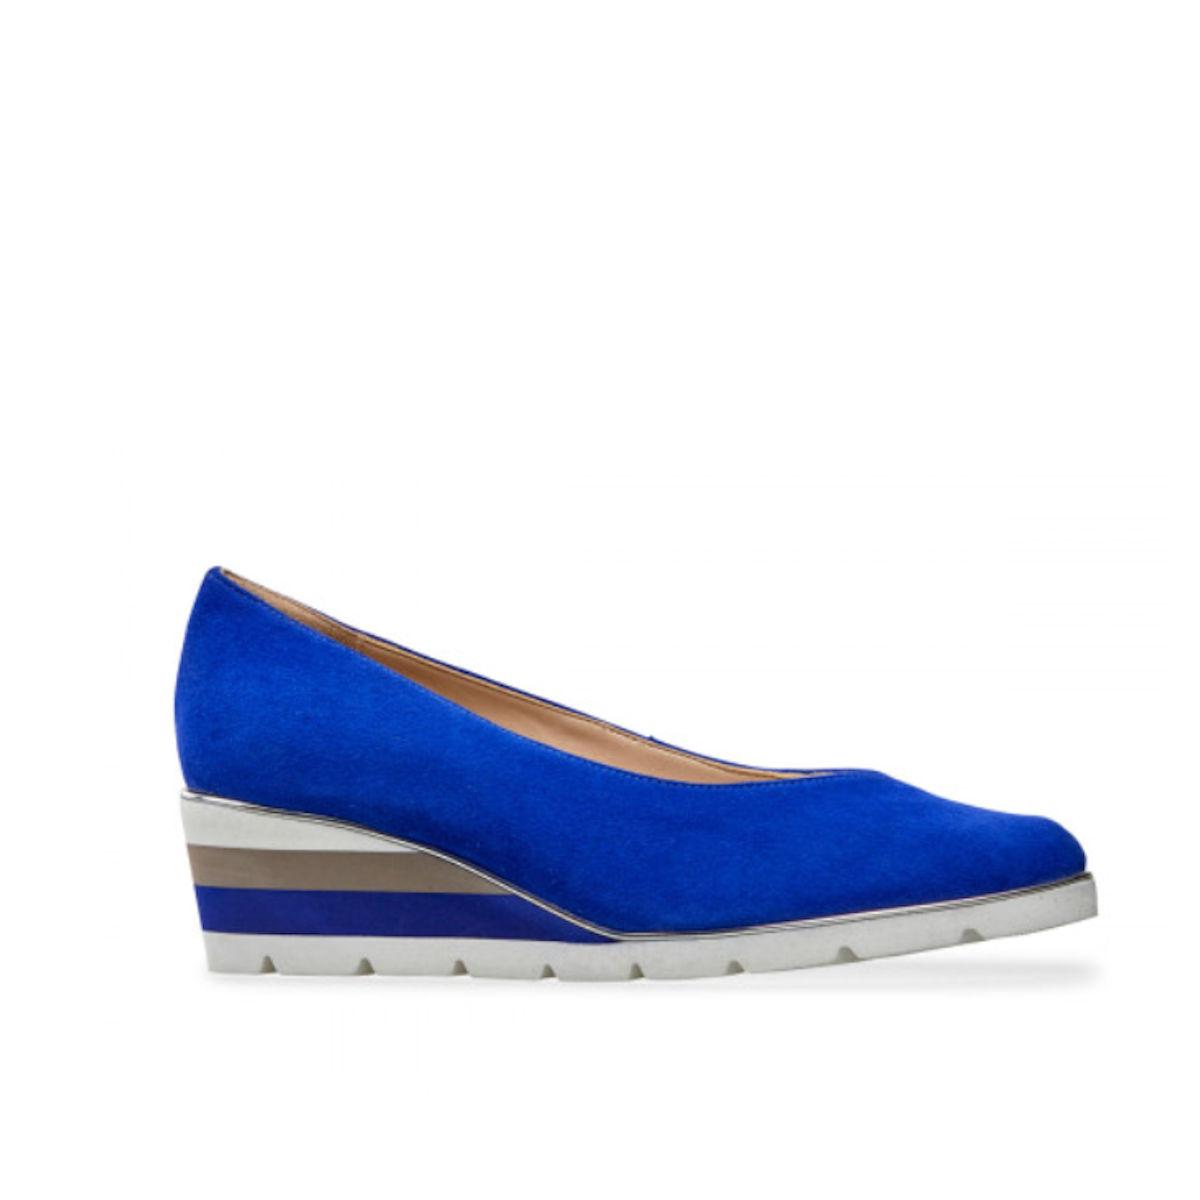 Van Dal Ariah Womens Ultramarine Suede Wedge Shoe